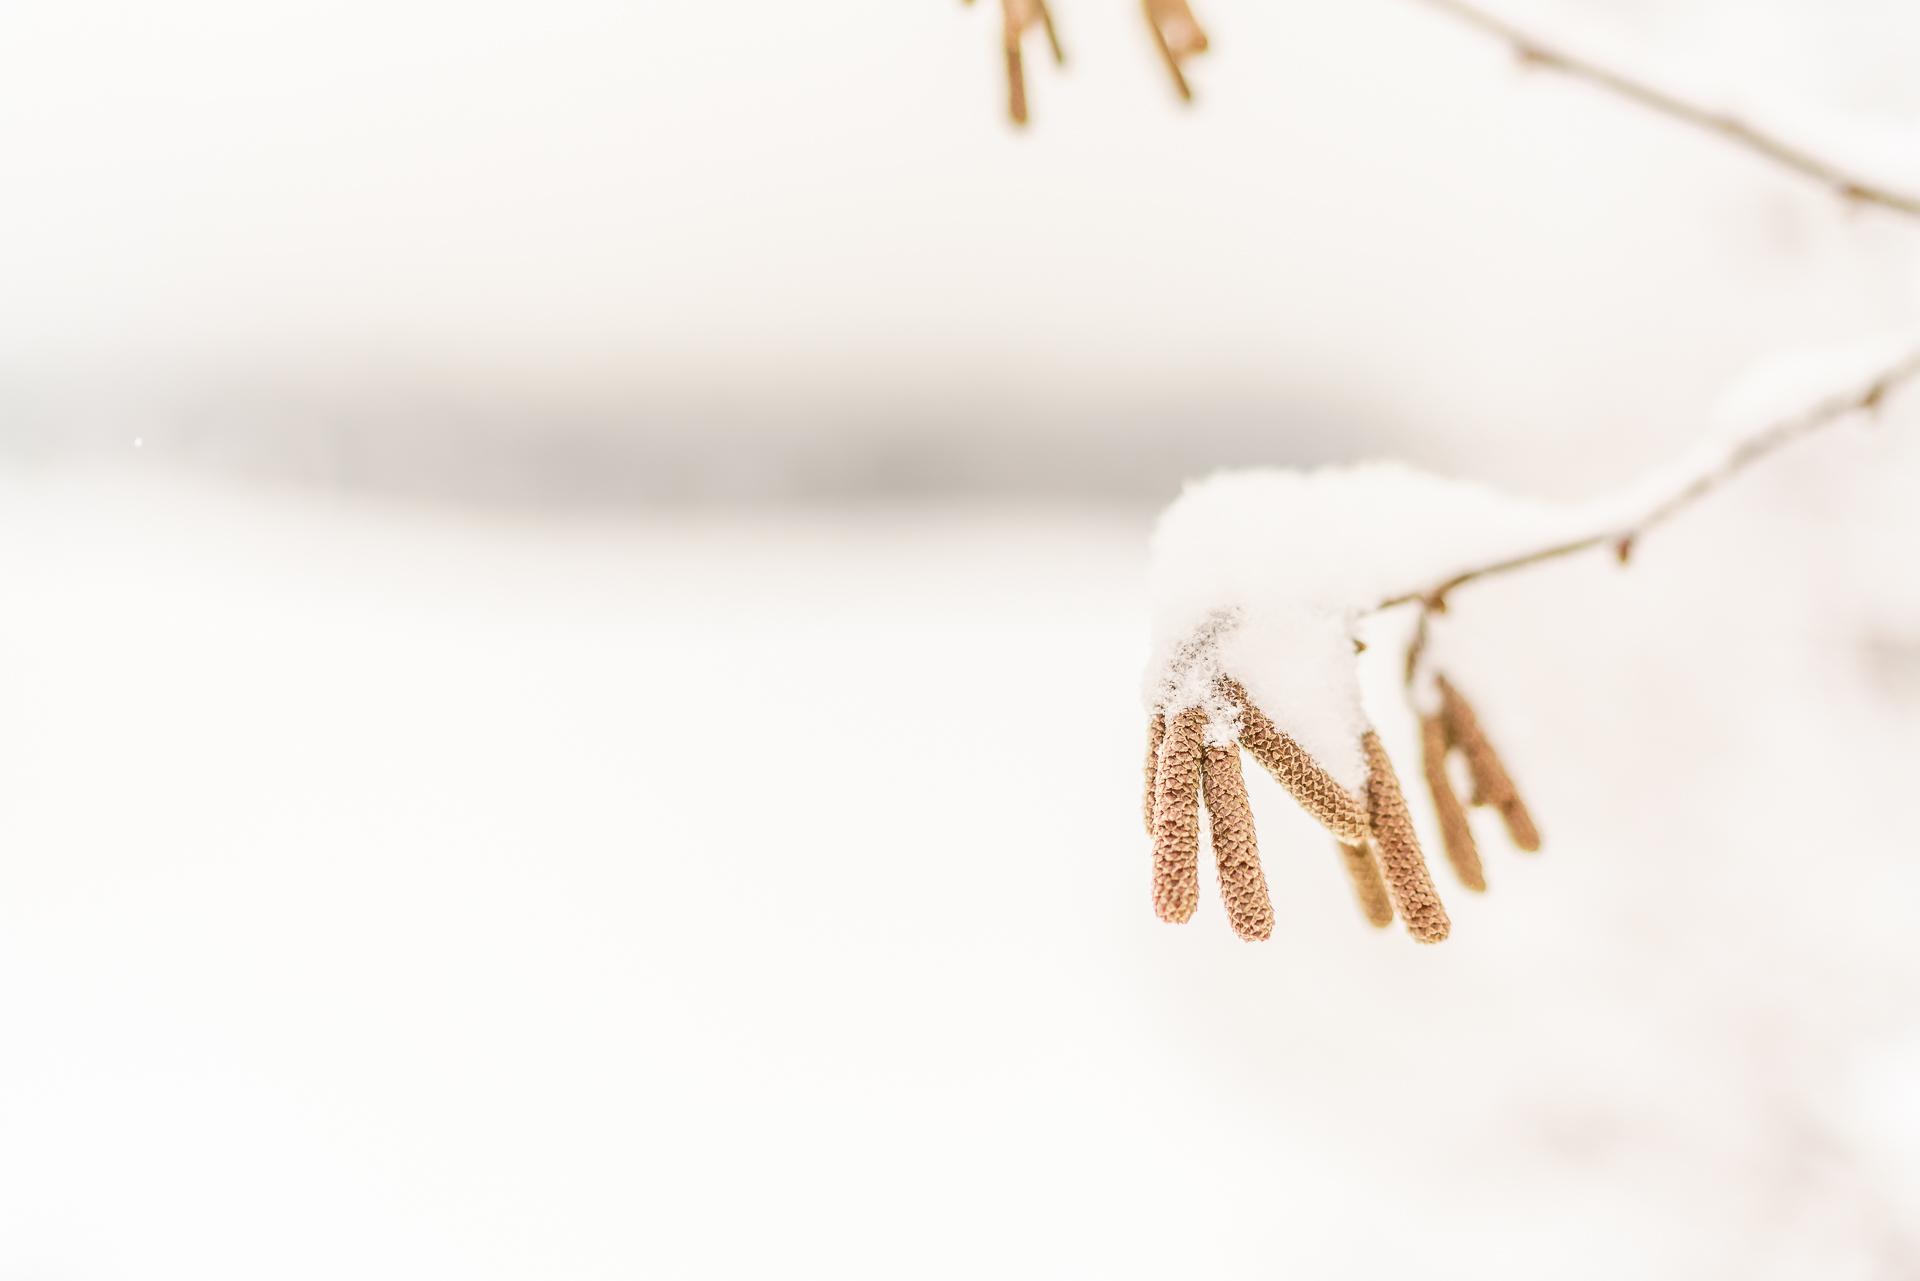 Natur-Winterschlaf